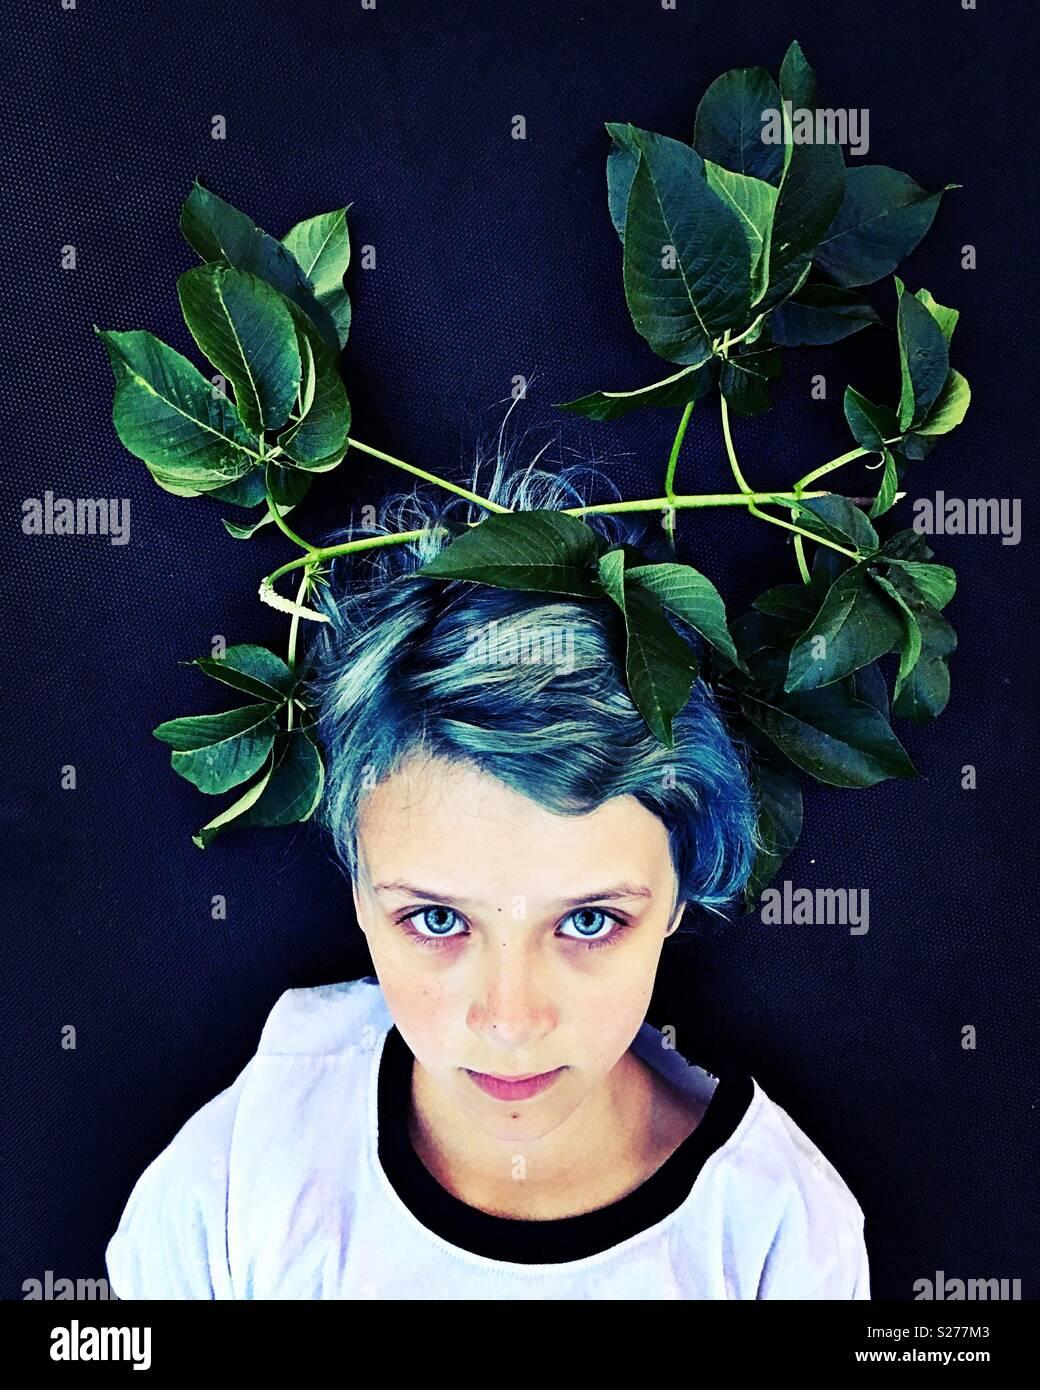 Ein Kind mit Blättern auf dem Kopf platziert. Stockbild